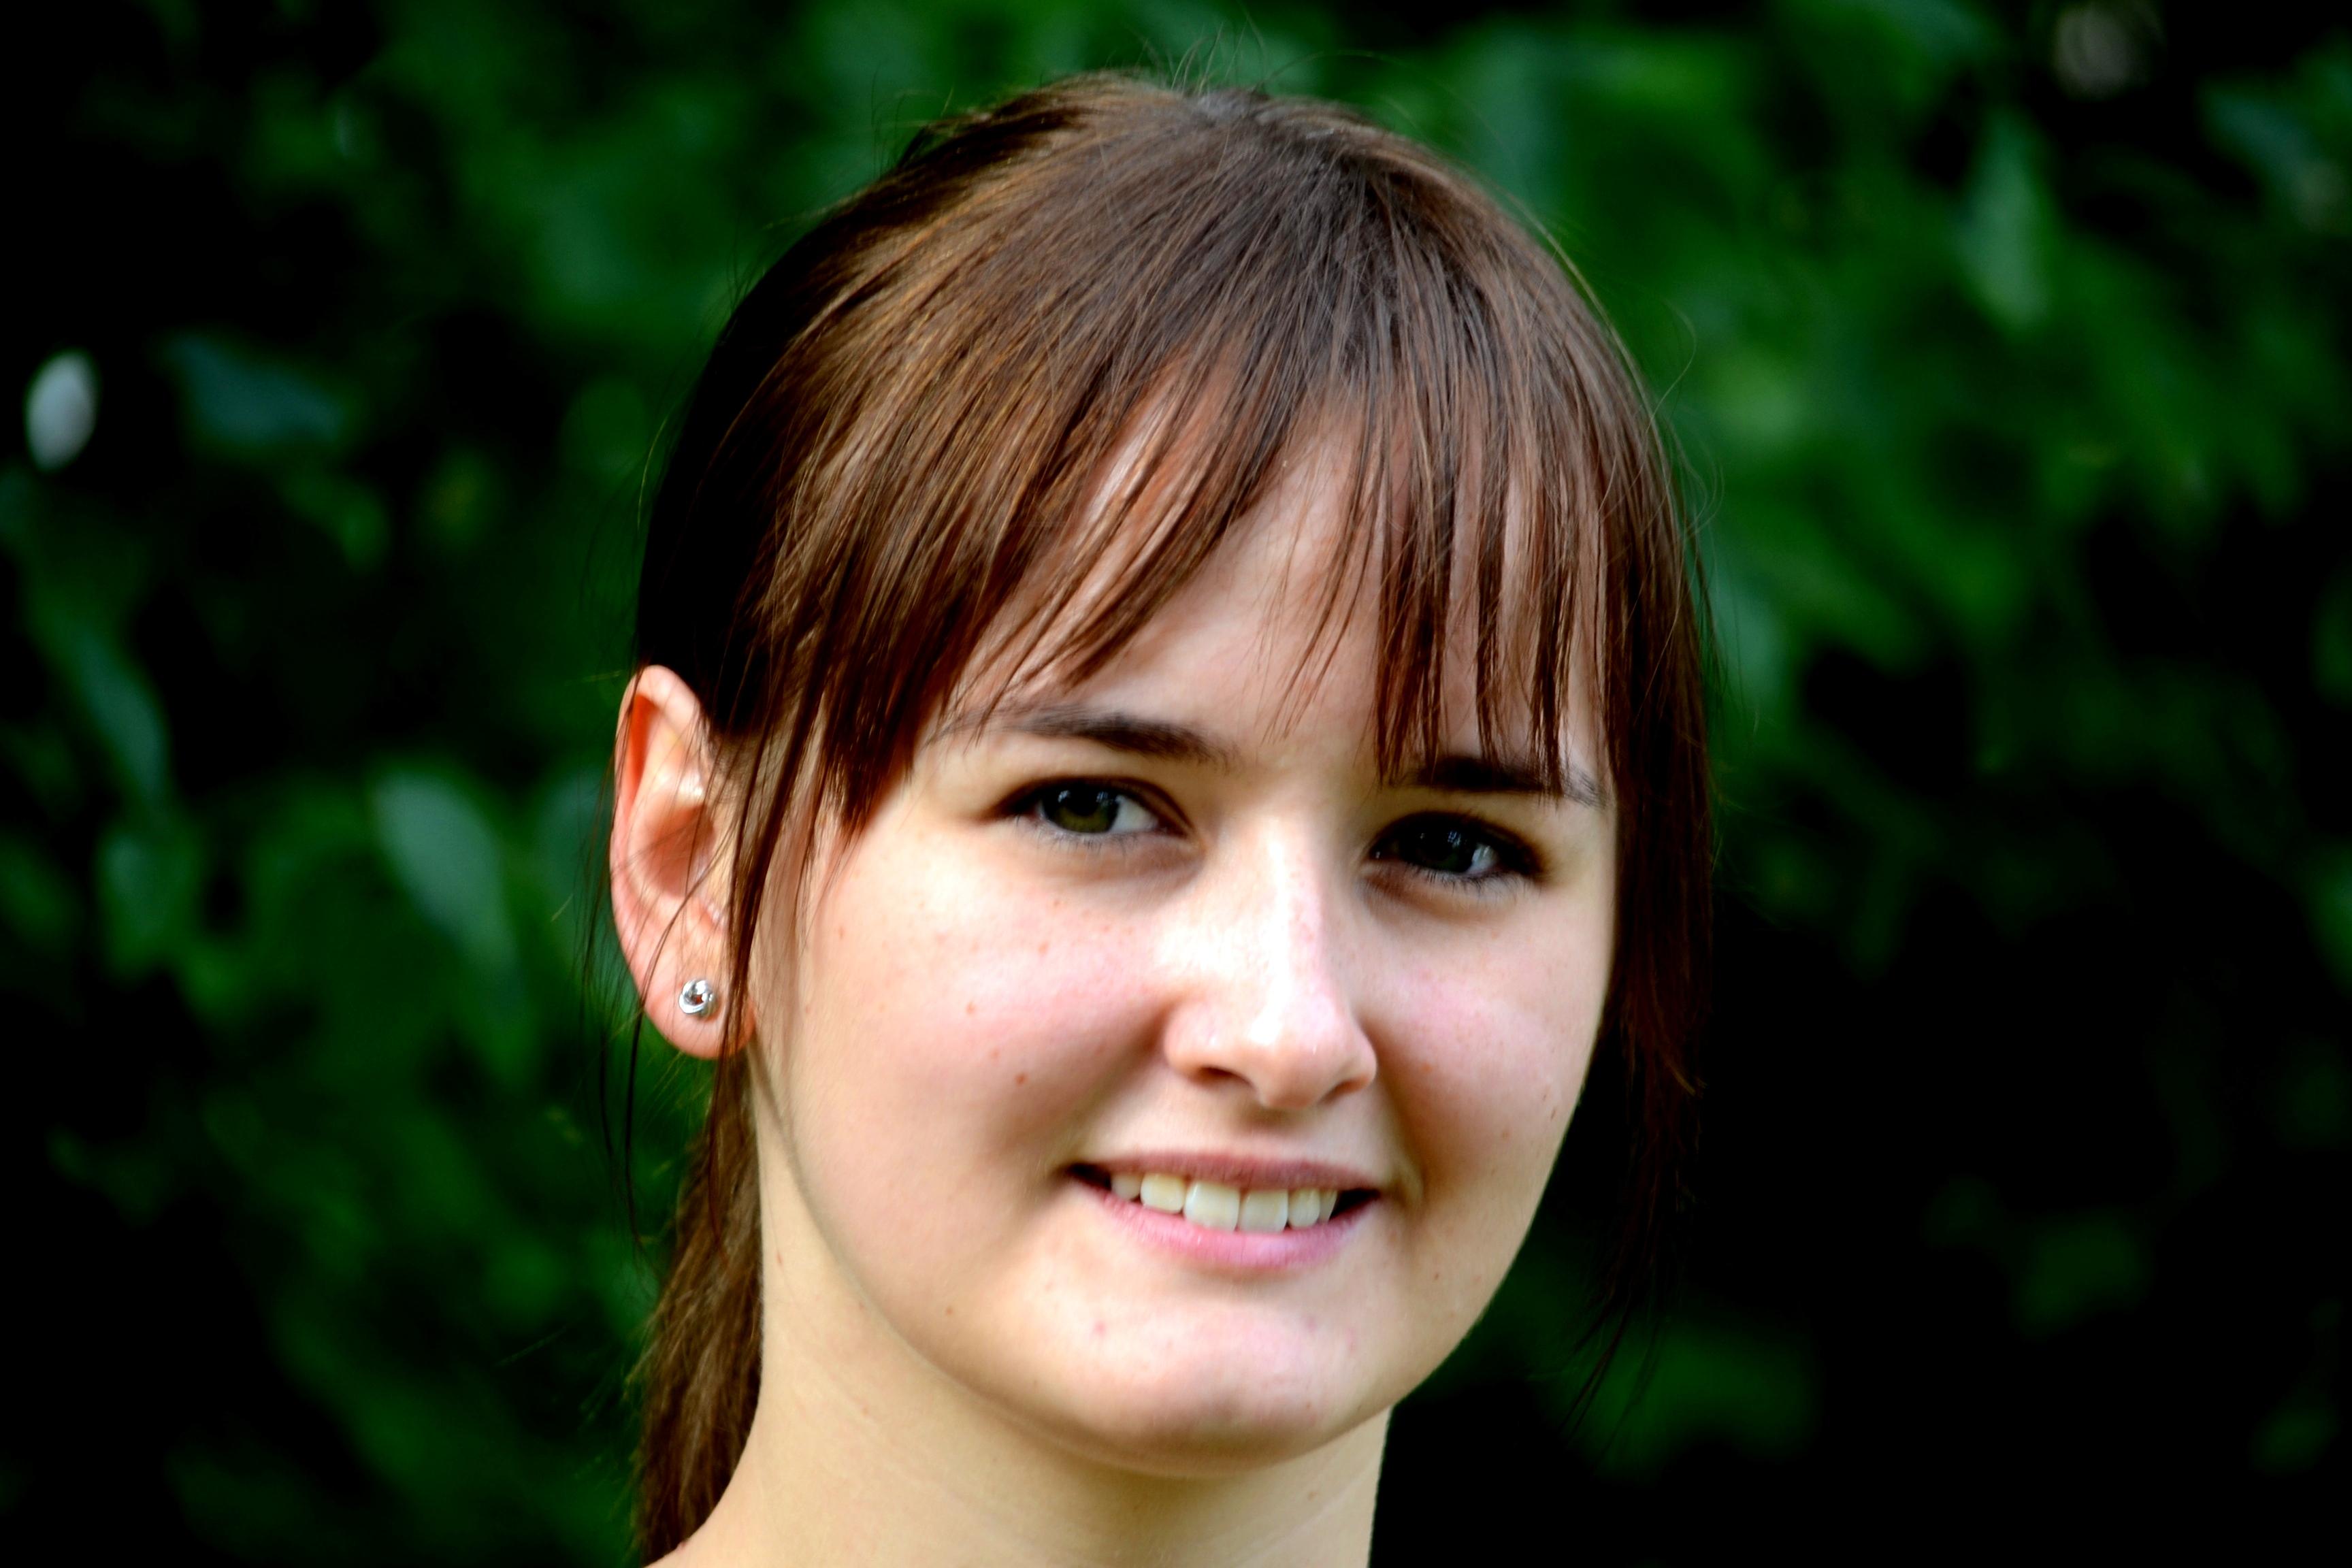 Andrea Mittermeier